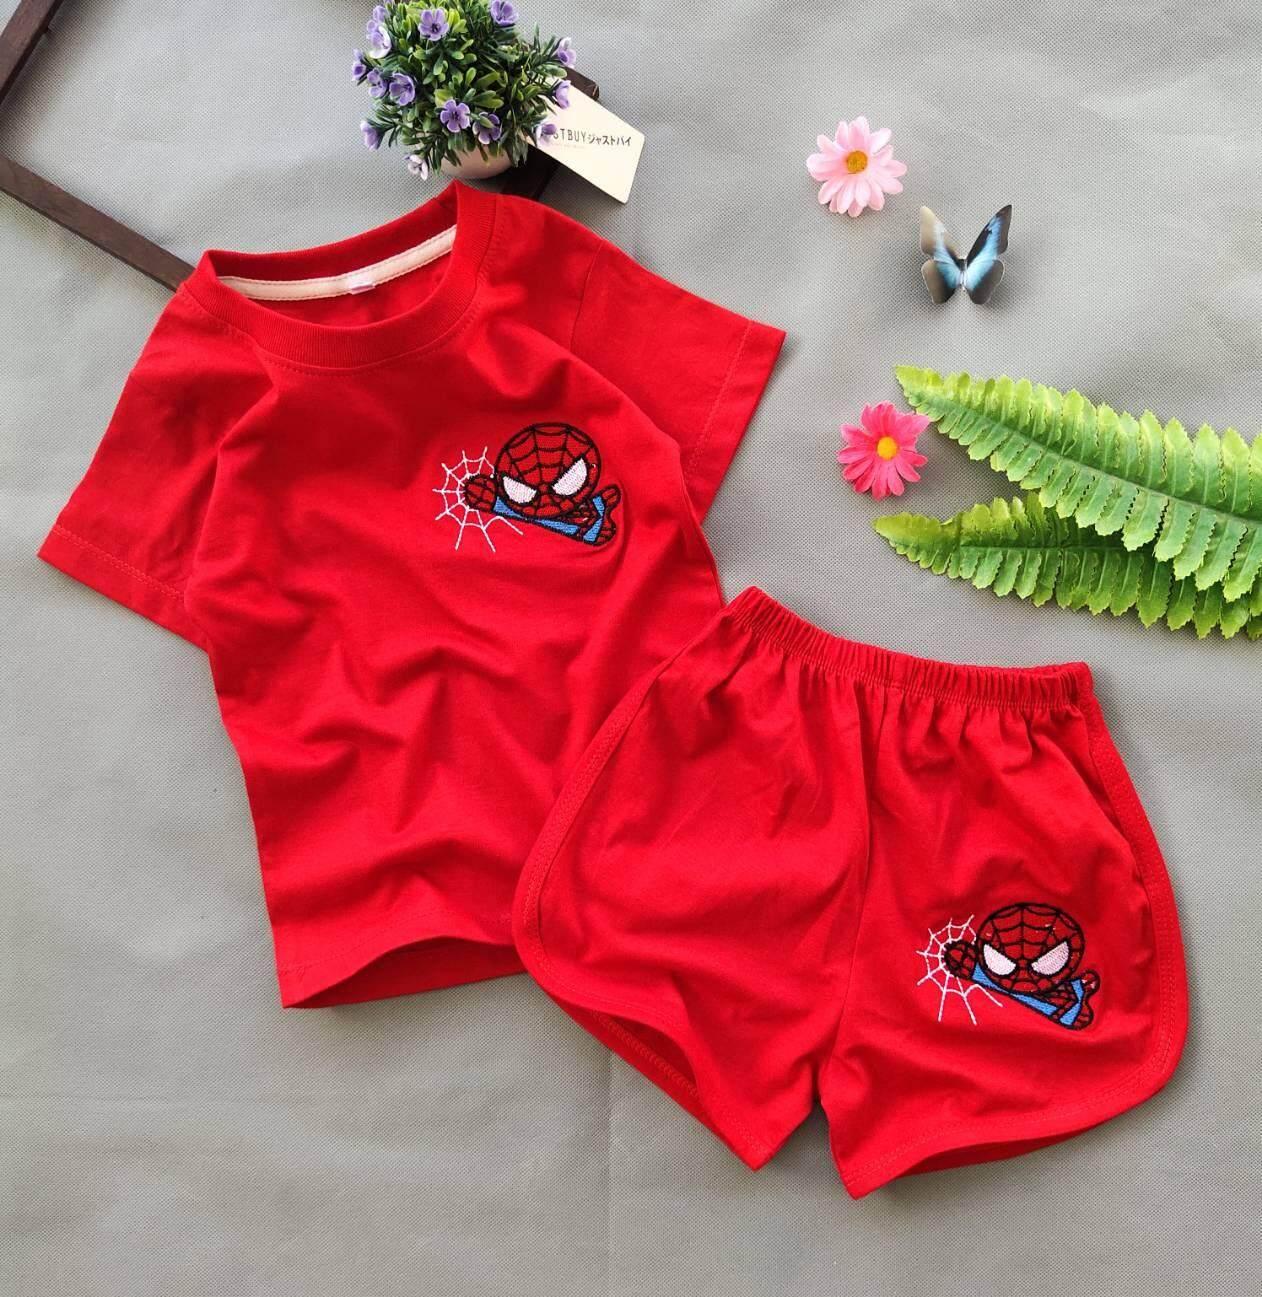 [S0081] ชุดเด็ก เสื้อยืด + กางเกงขาสั้นเว้า ทรงน่ารัก ผ้าคอตตอน งานปักสวยๆ ลายสไปเดอร์แมน สีแดง น่ารักมากๆ จ้า - 1 ชุด